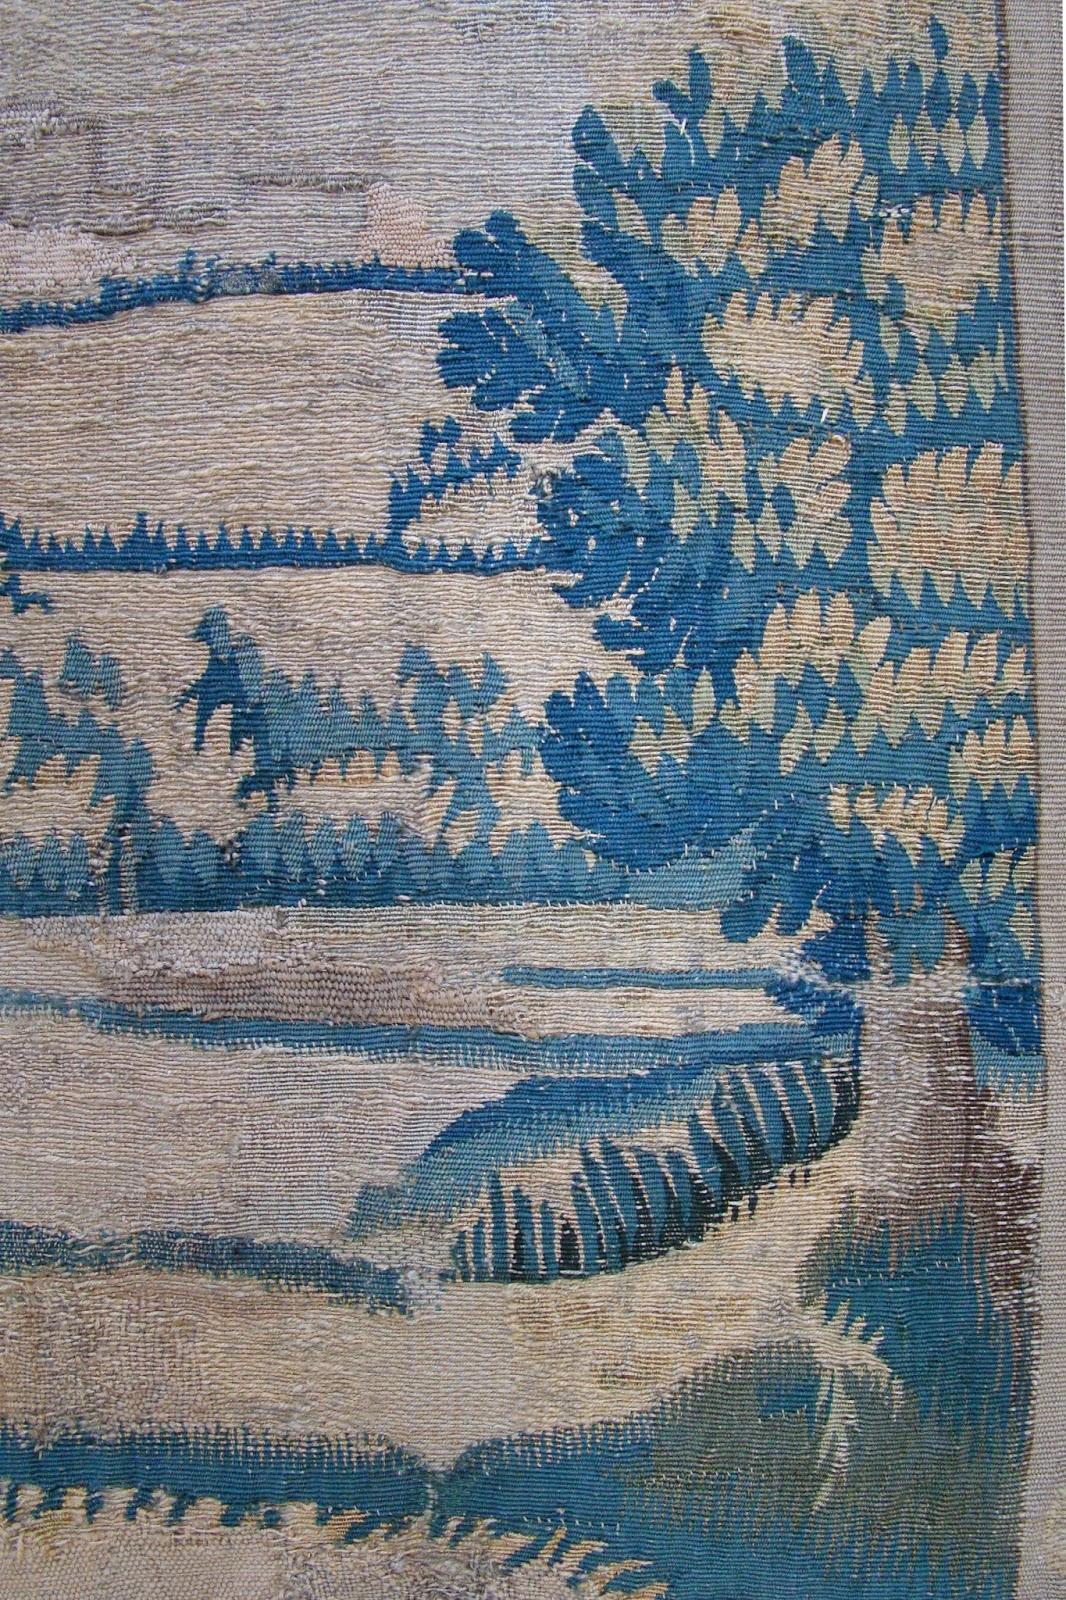 Restauraci n de textiles antiguos ark - Restauracion de alfombras ...